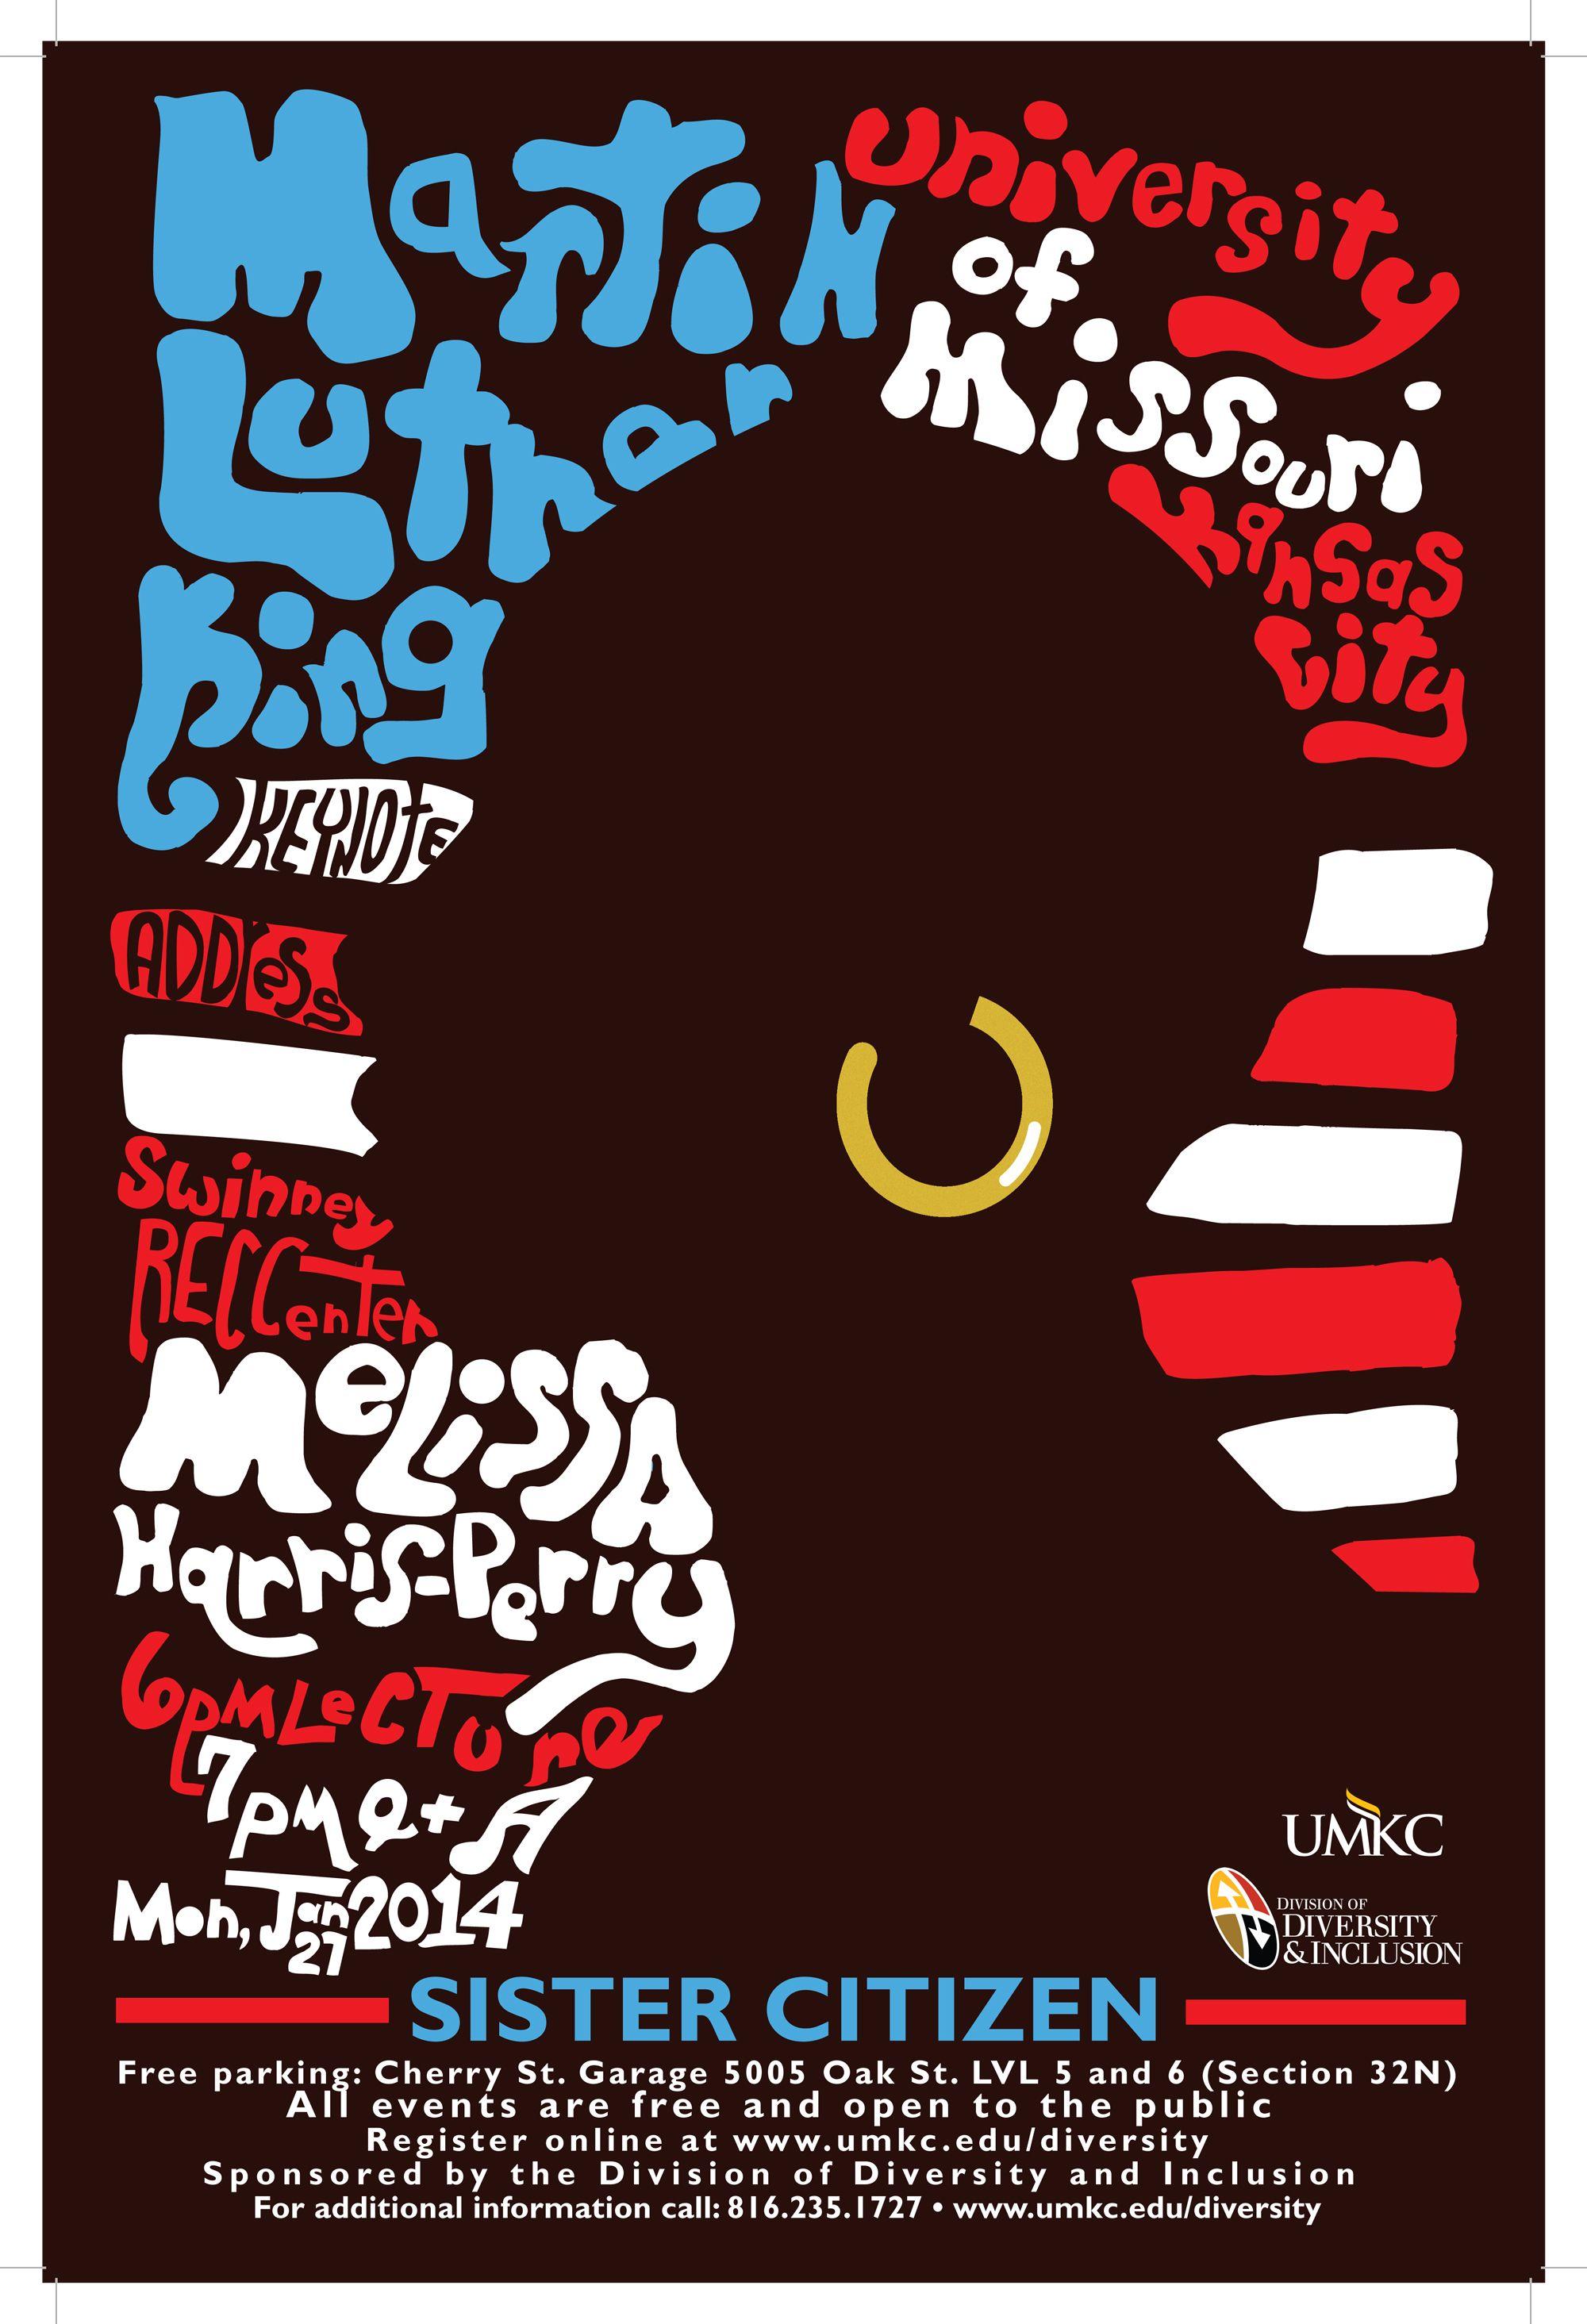 Poster design best - Images For Best Event Poster Design